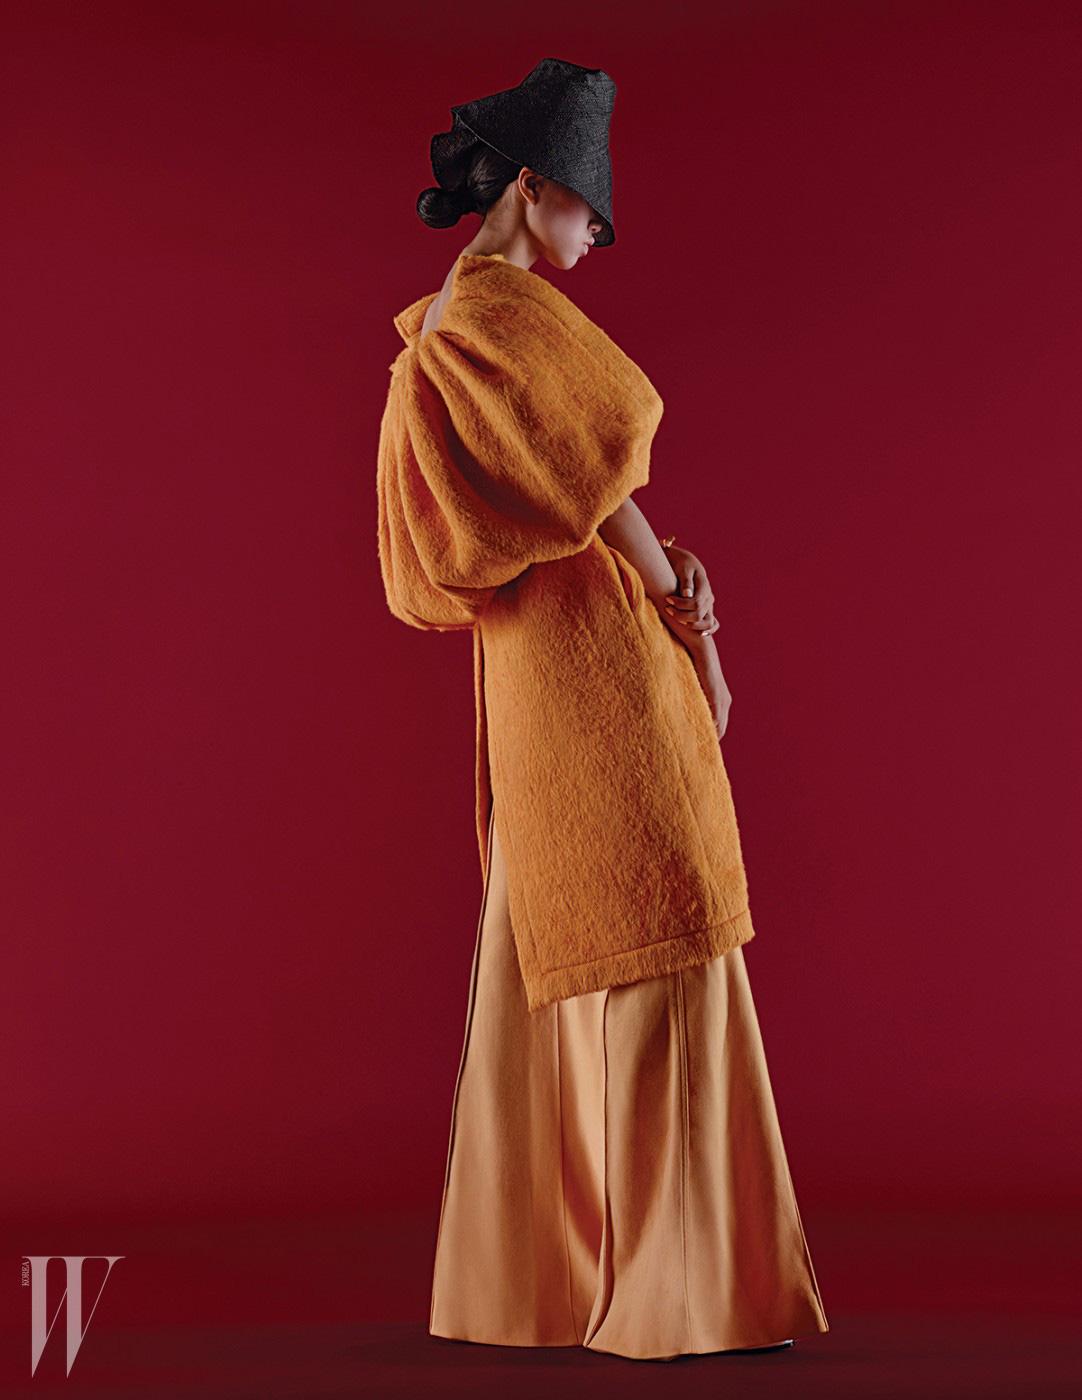 케이프 장식이 가미된 코트와 통 넓은 팬츠는 모두 셀린 제품. 가격 미정. 모자는 신저 제품. 가격 미정.